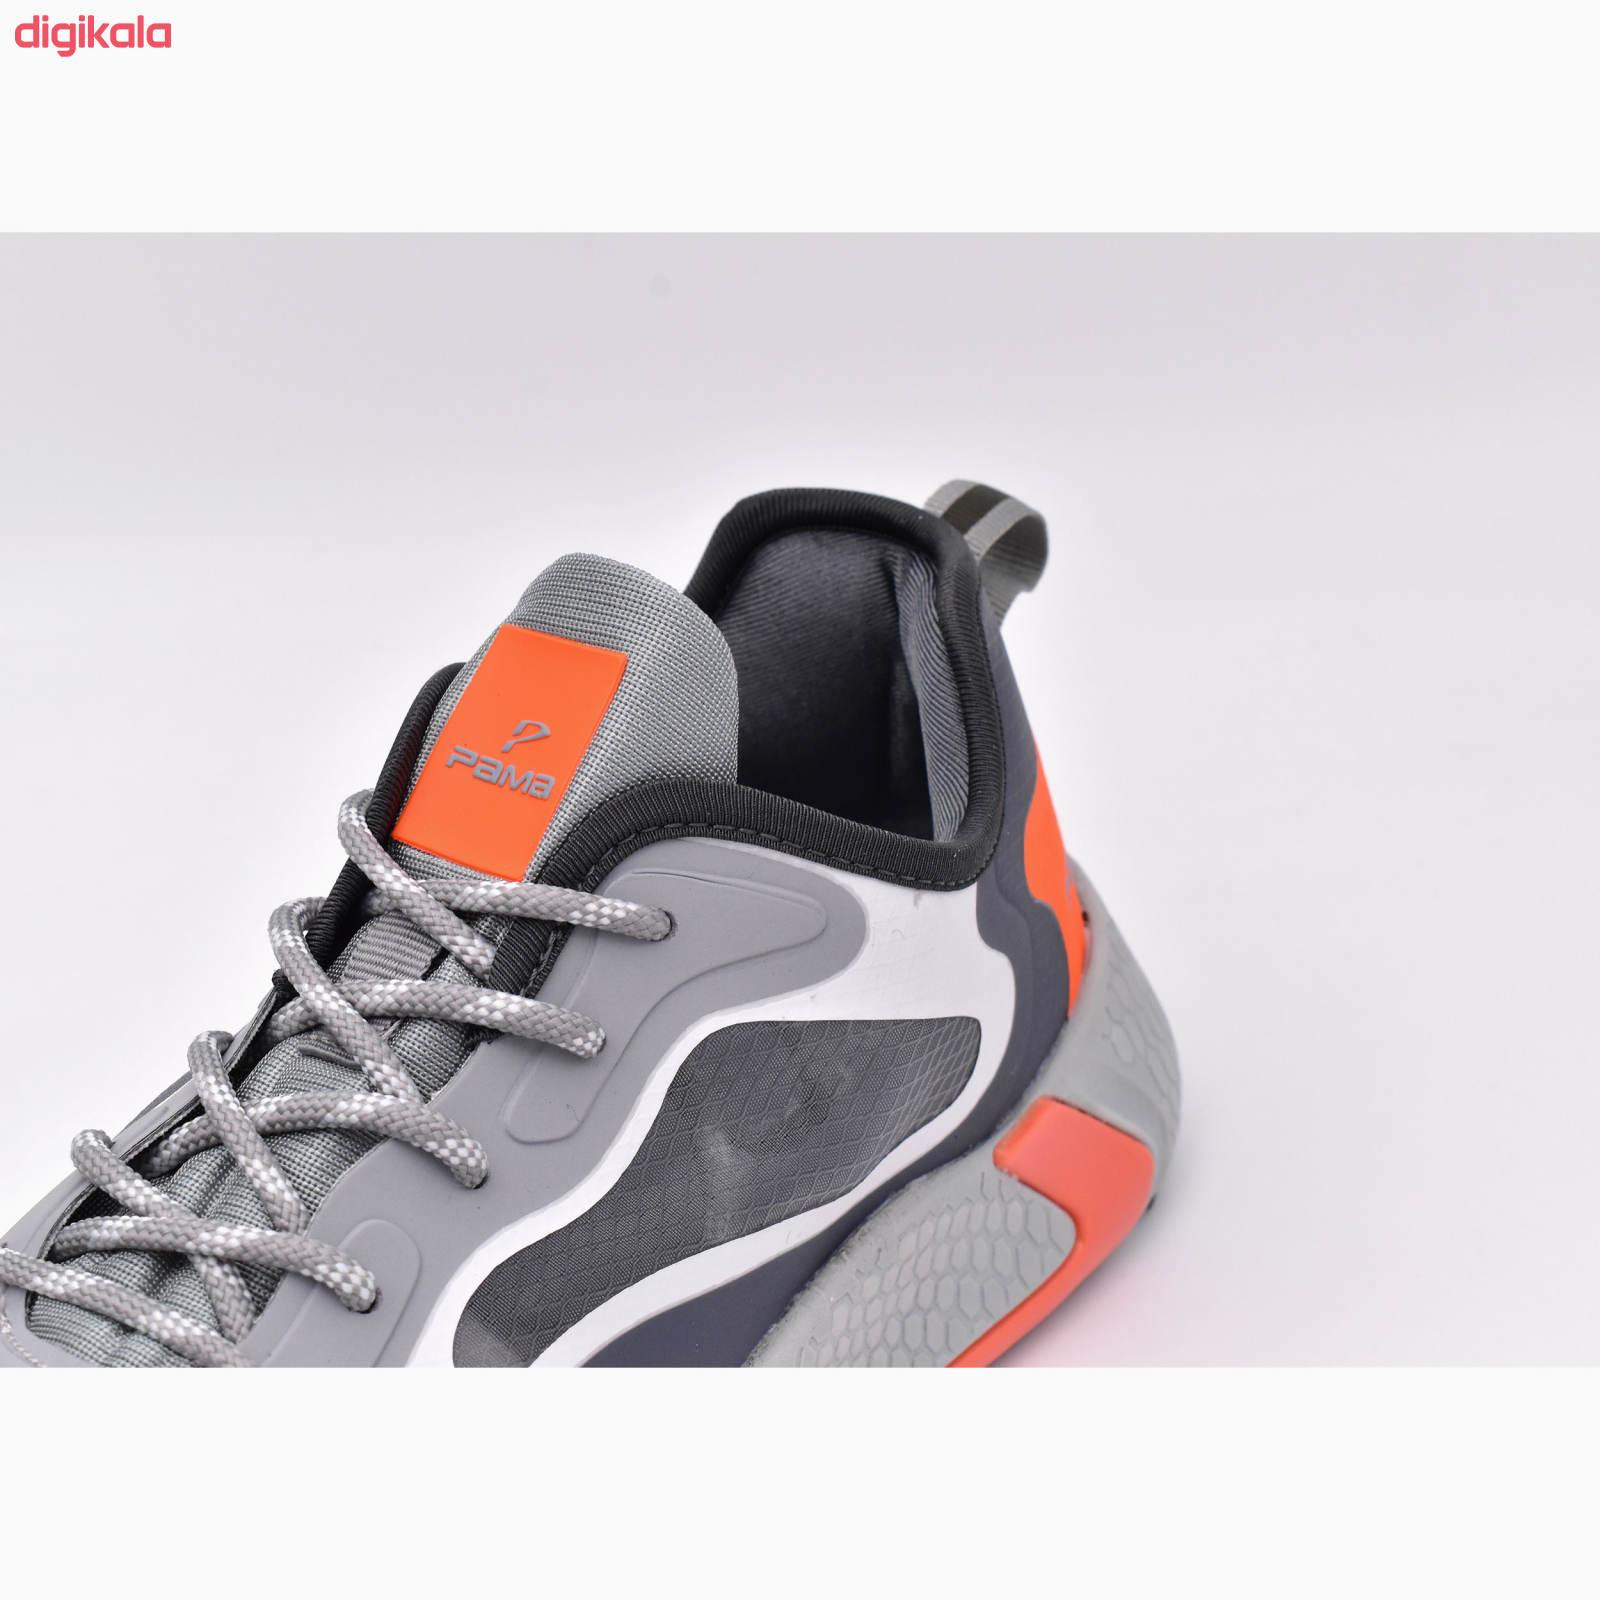 کفش پیاده روی مردانه پاما مدل ساموئل کد G1421 main 1 15